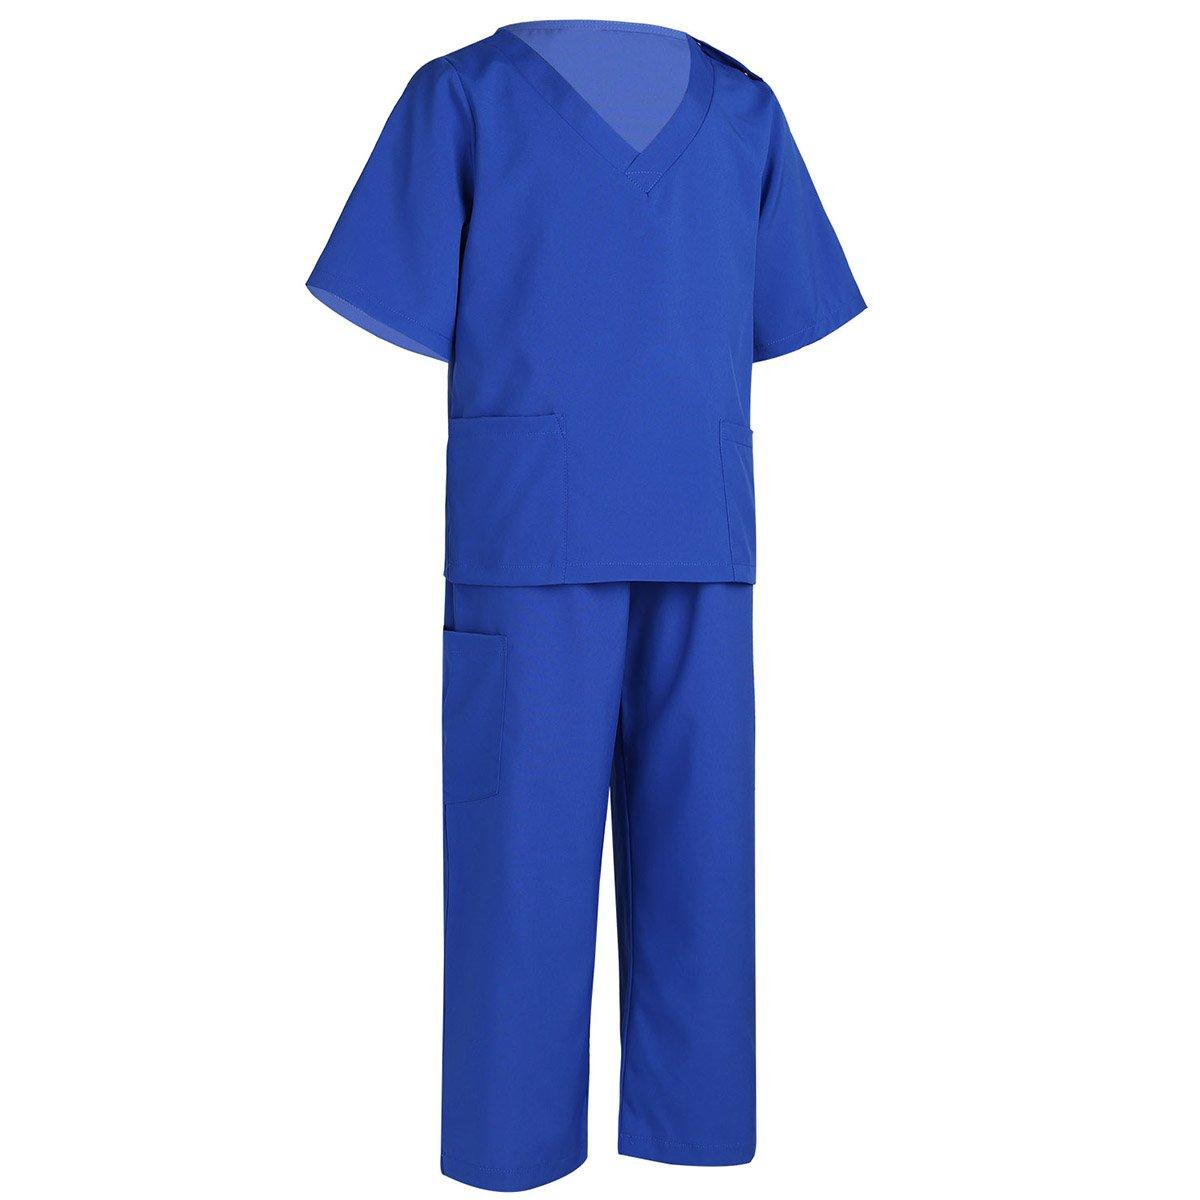 iiniim Unisex Disfraz de Cirujano Médico Scrubs Doctorpara Niños ...